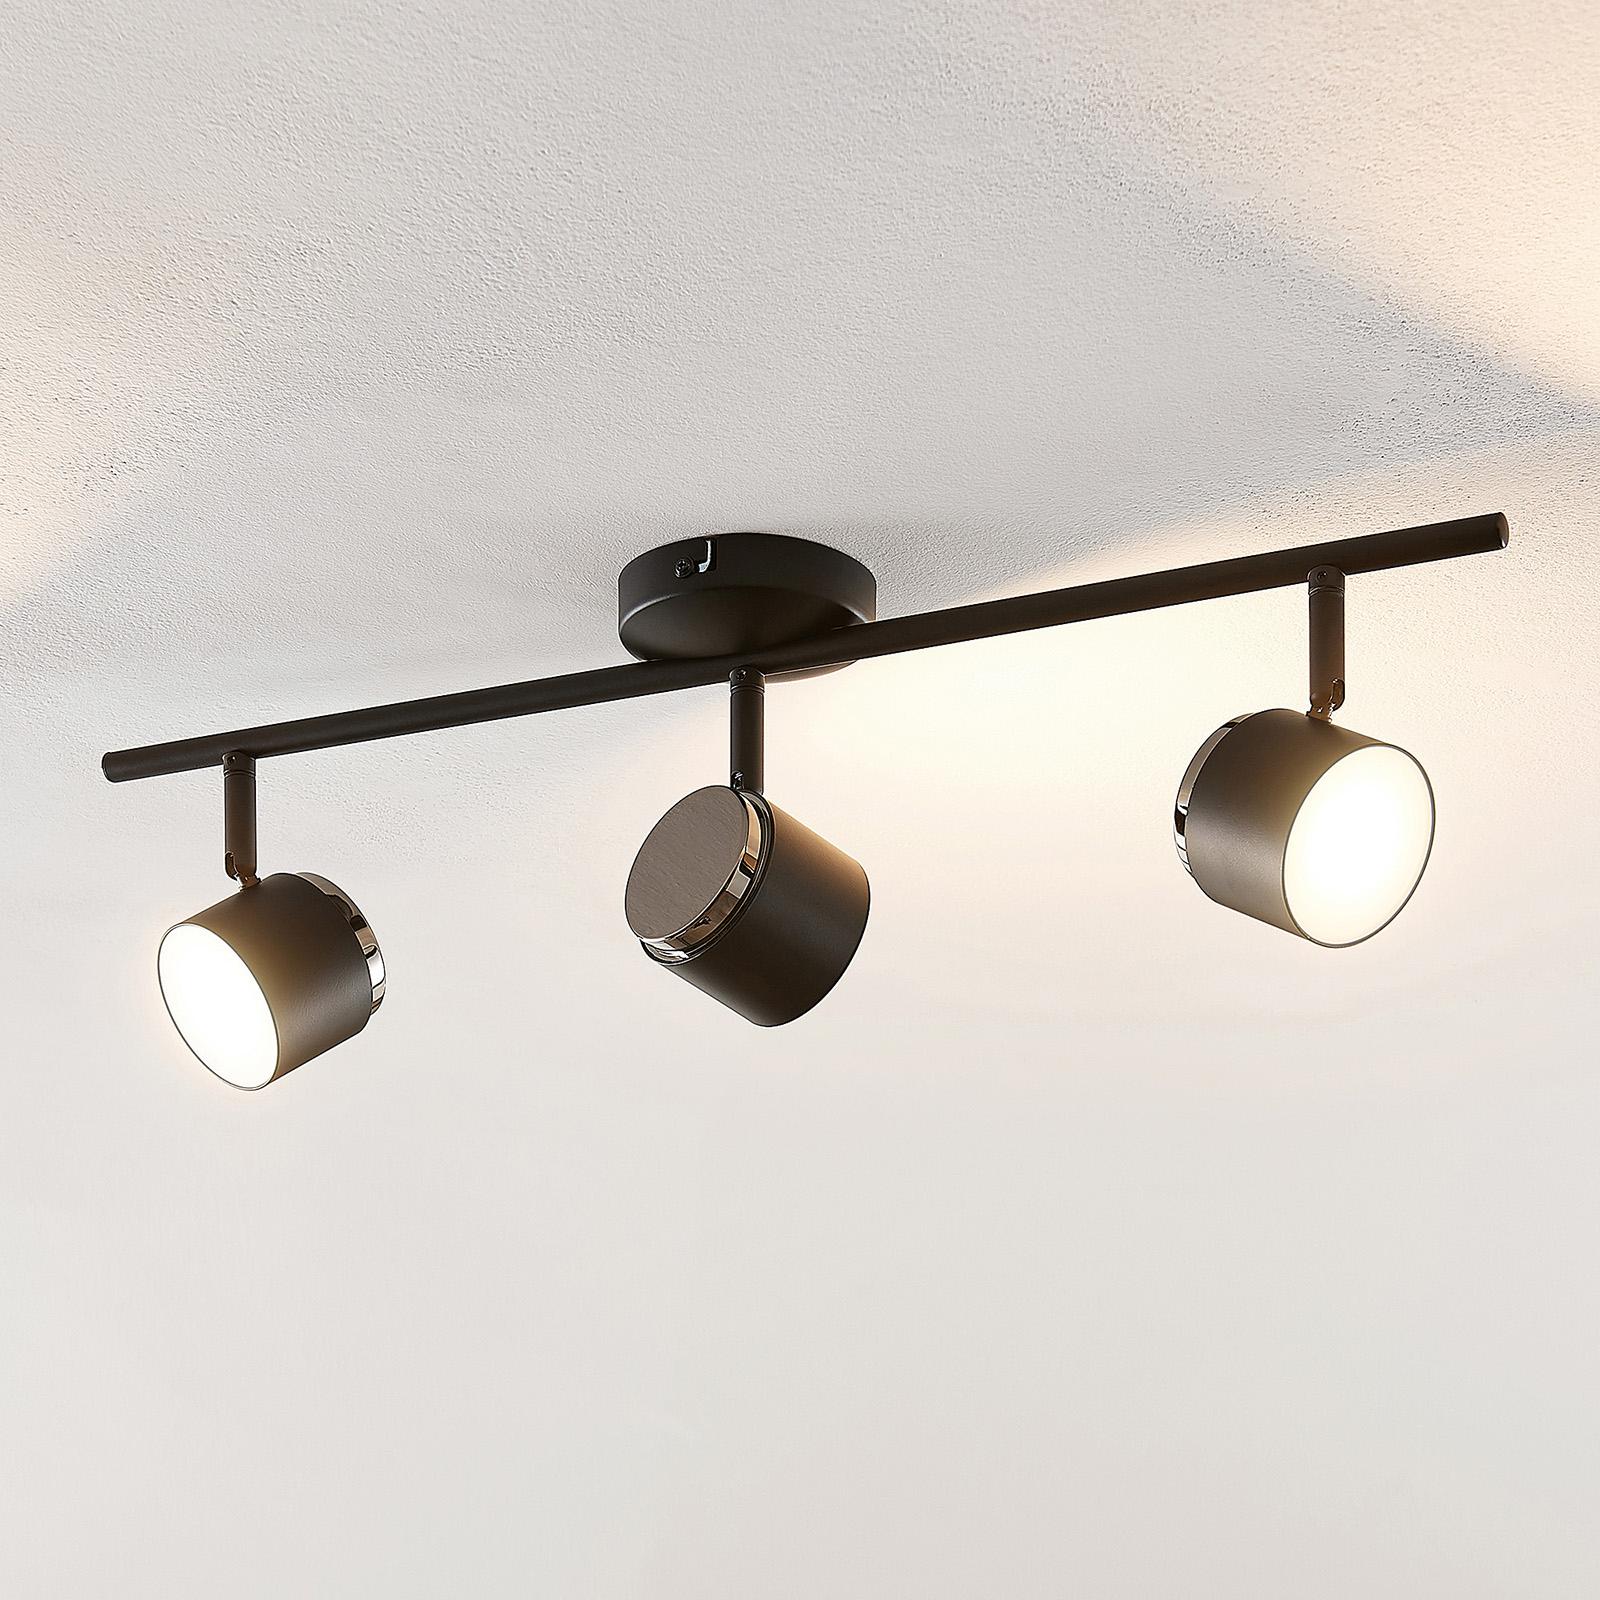 LED Deckenlampe Michiko Strahler Dreiflammig Schwarz Kupfer Lindby Küche Flur